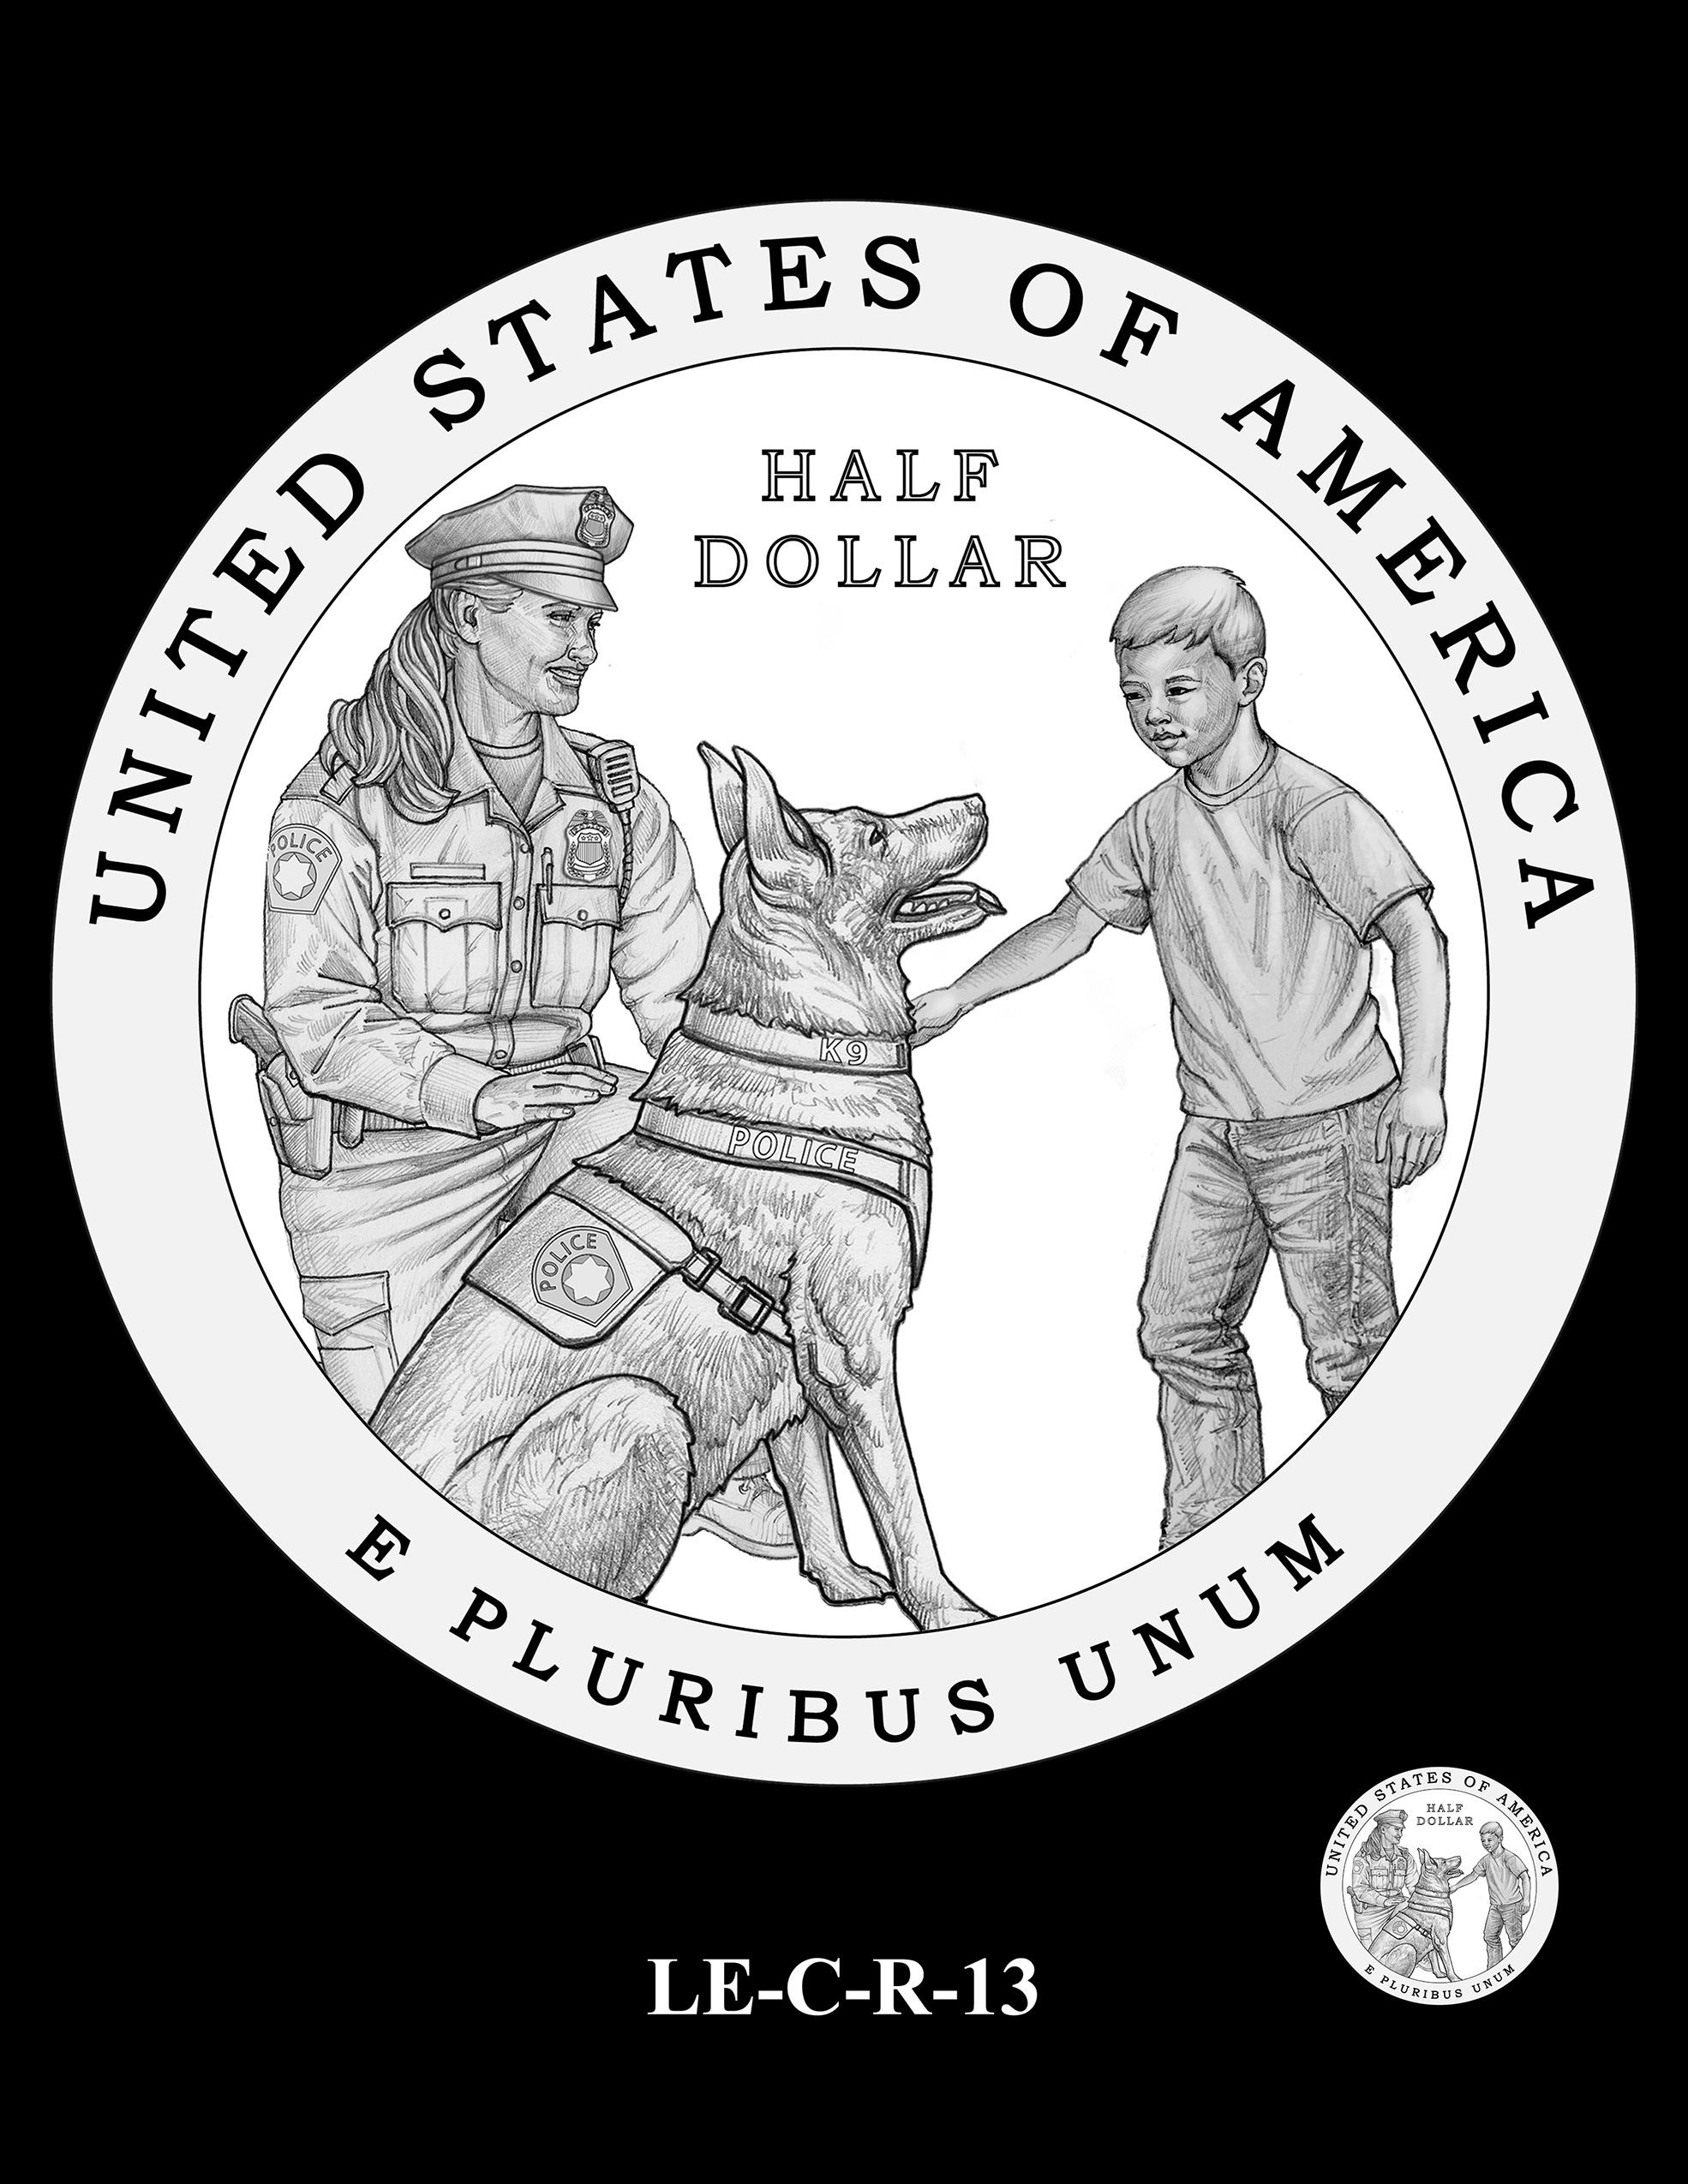 LE-C-R-13 -- National Law Enforcement Museum Commemorative Coin Program